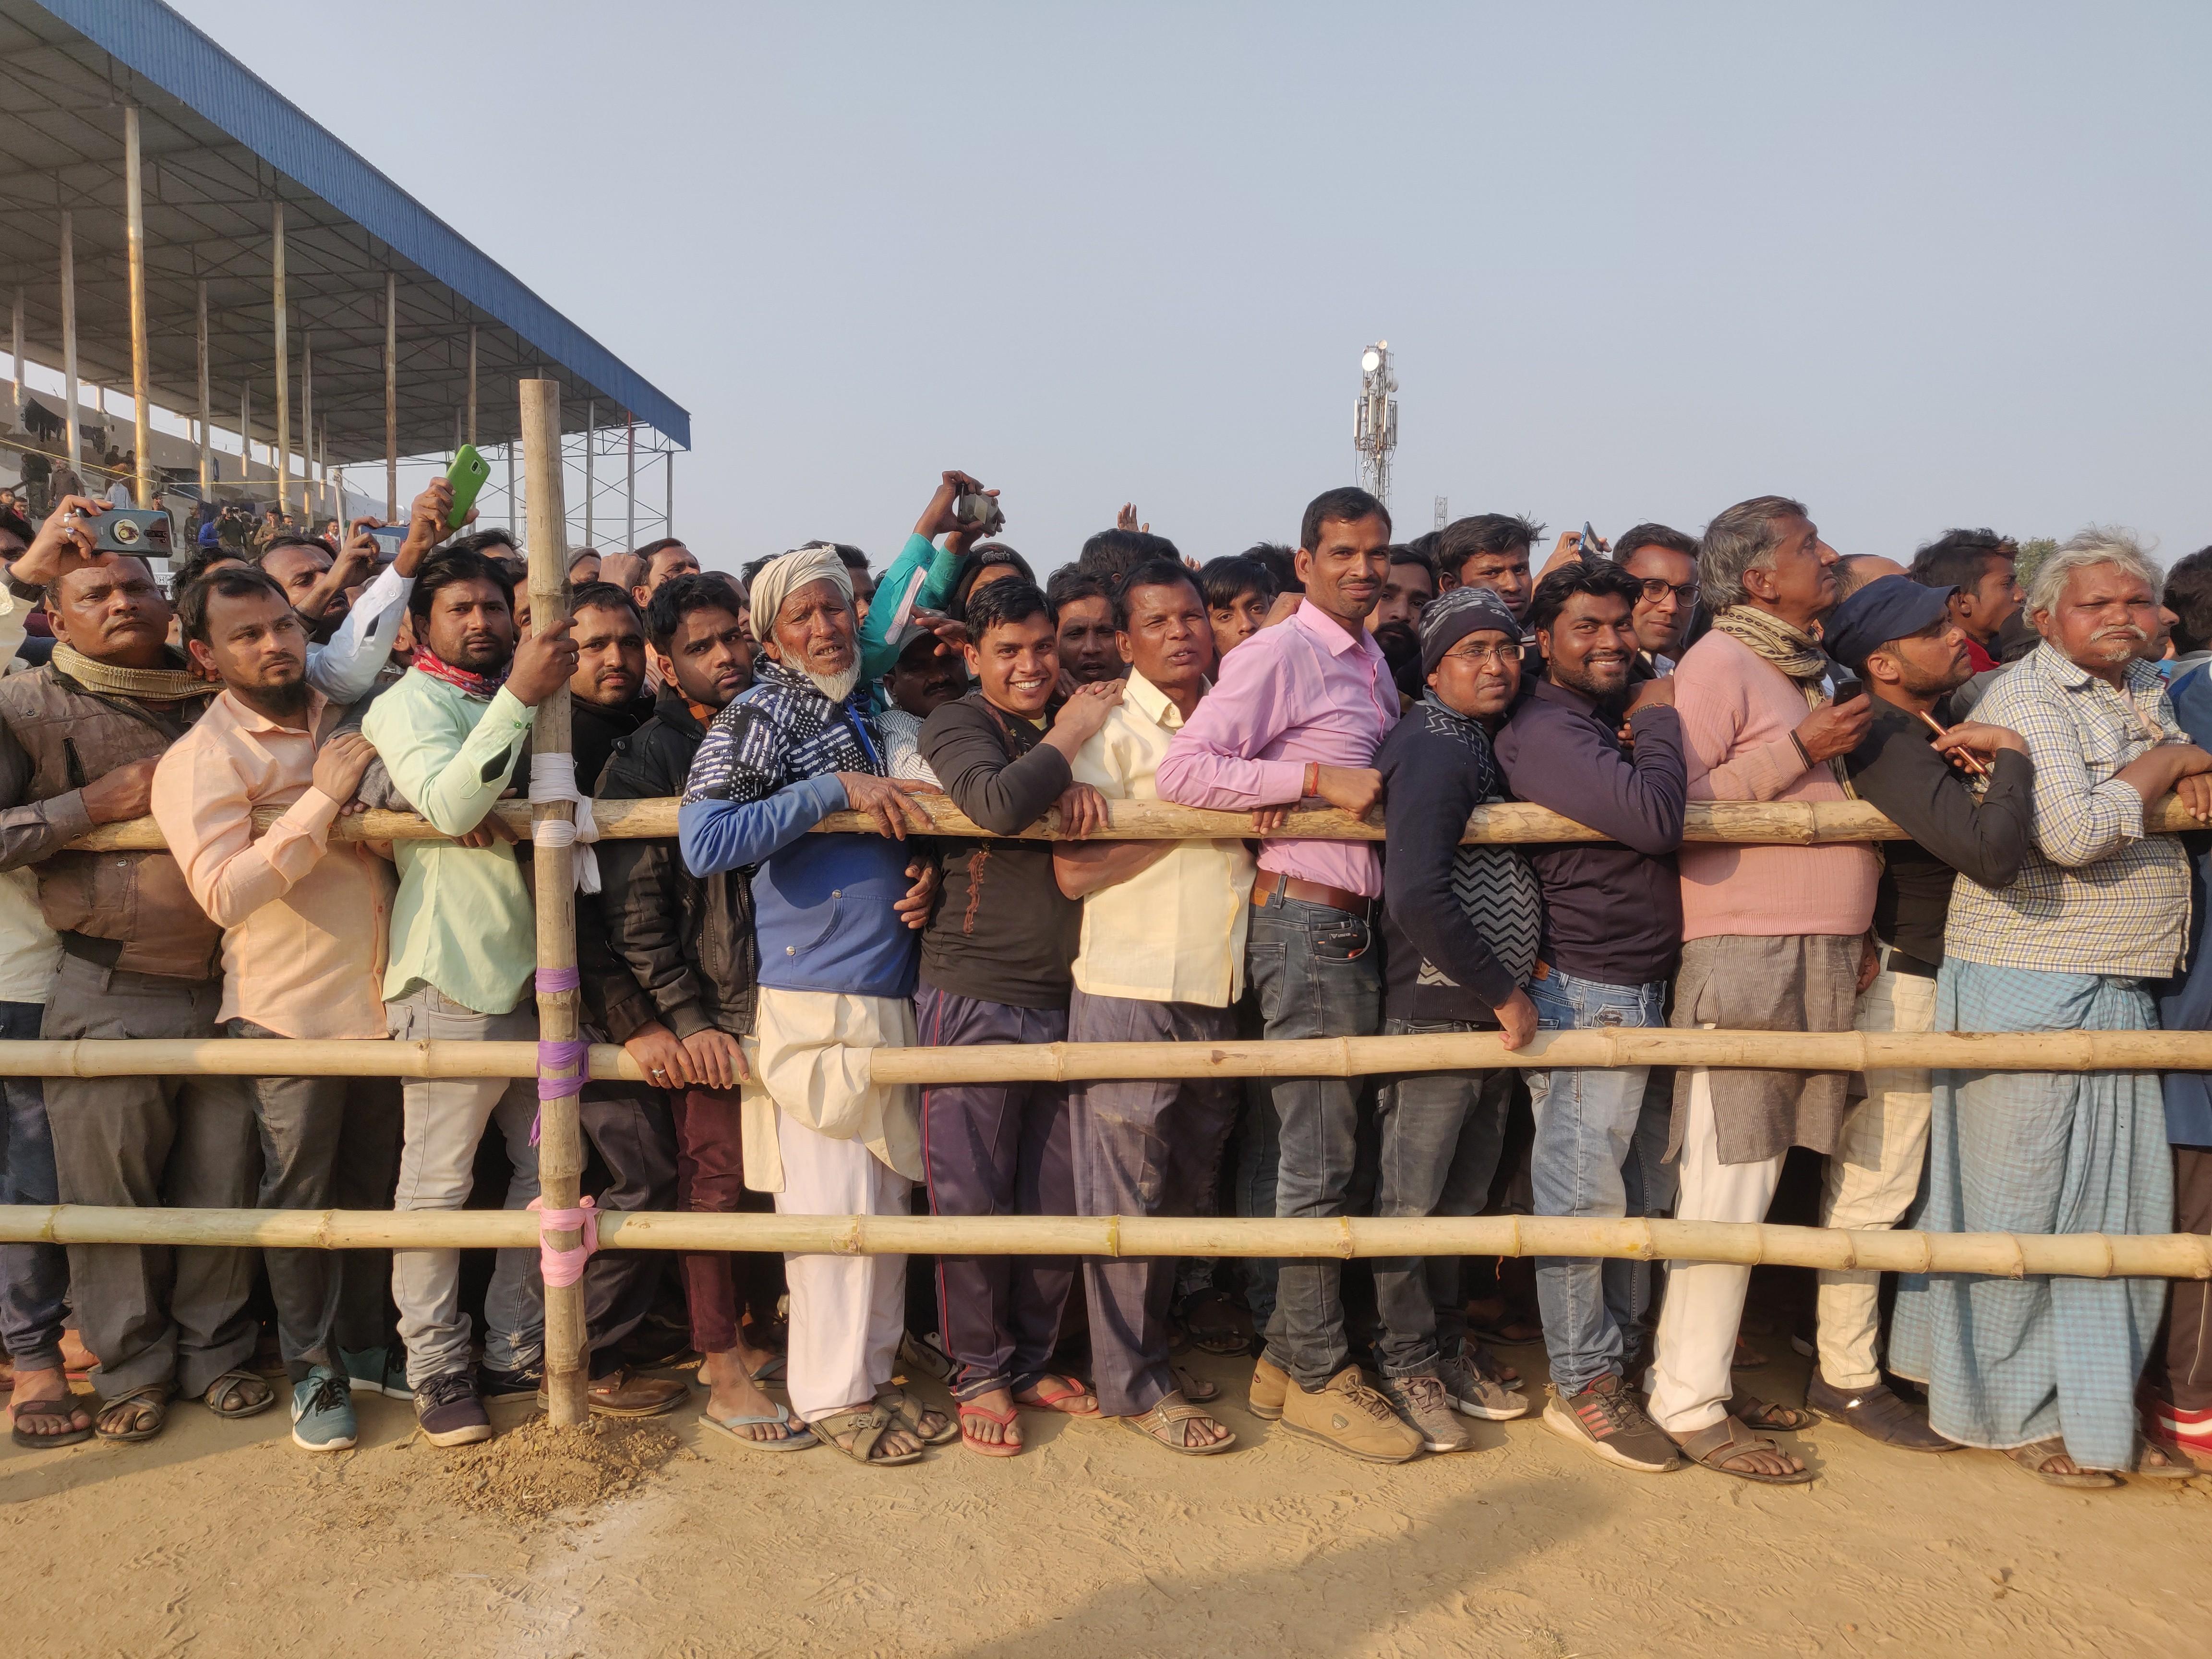 Spectators, anti-CAA yatra in Kalyanpur, India, 2020 | J-T.M.